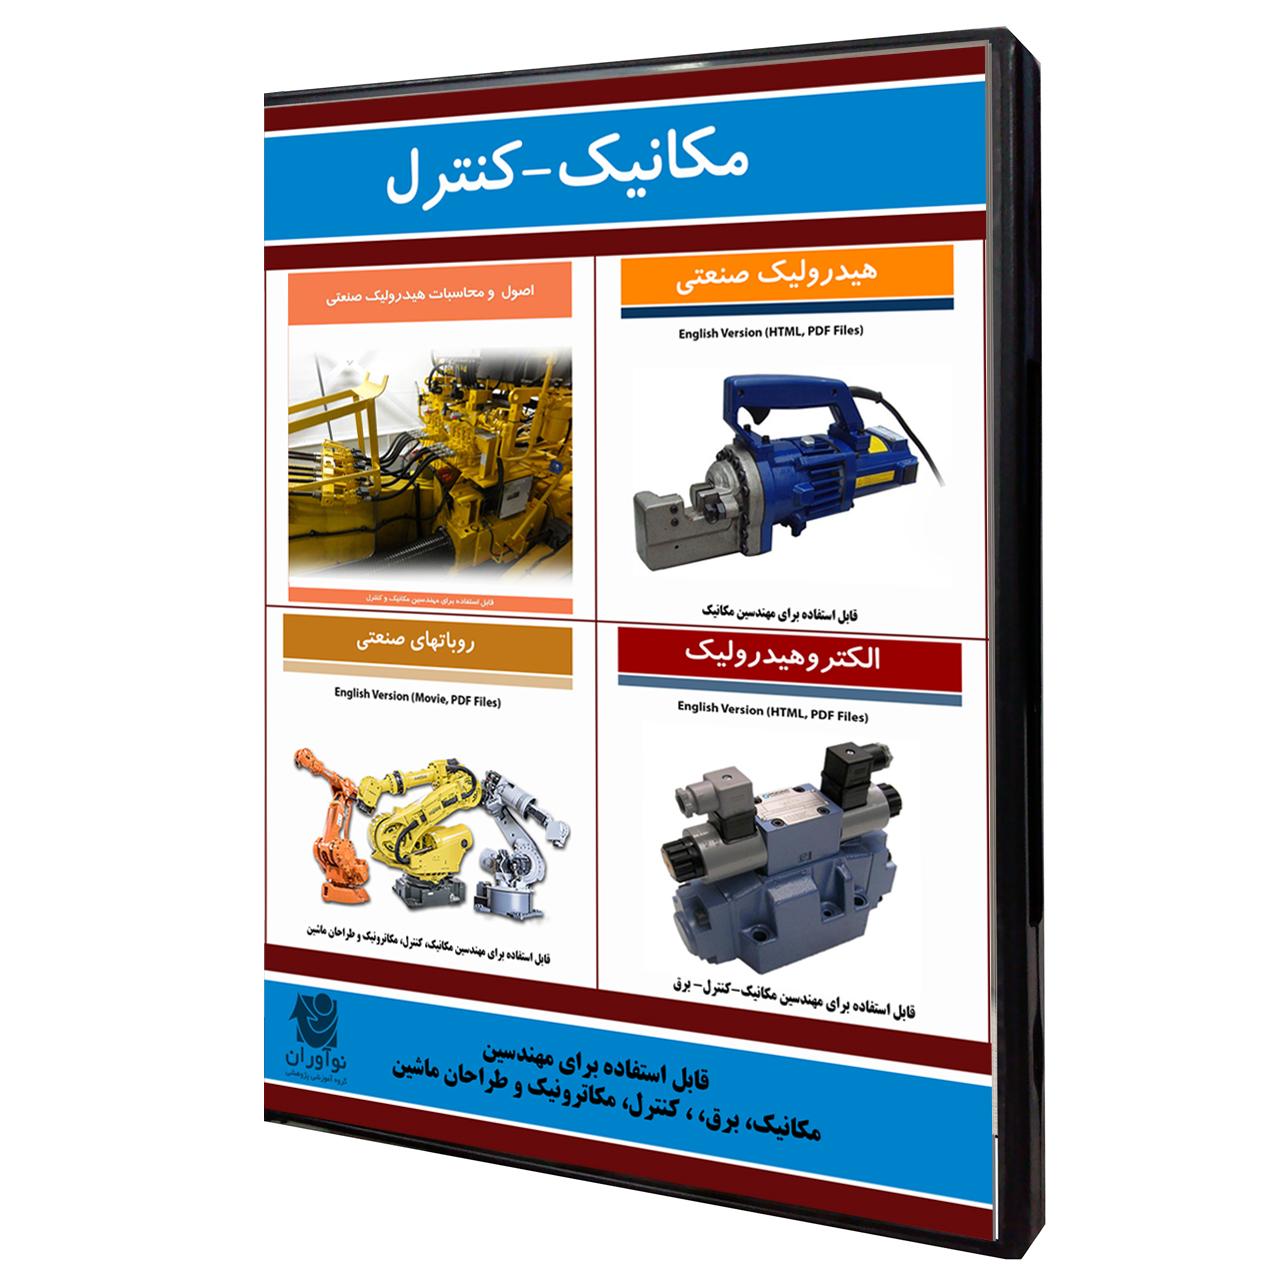 نرم افزار آموزش مهندسی مکانیک-کنترل نشر نوآوران